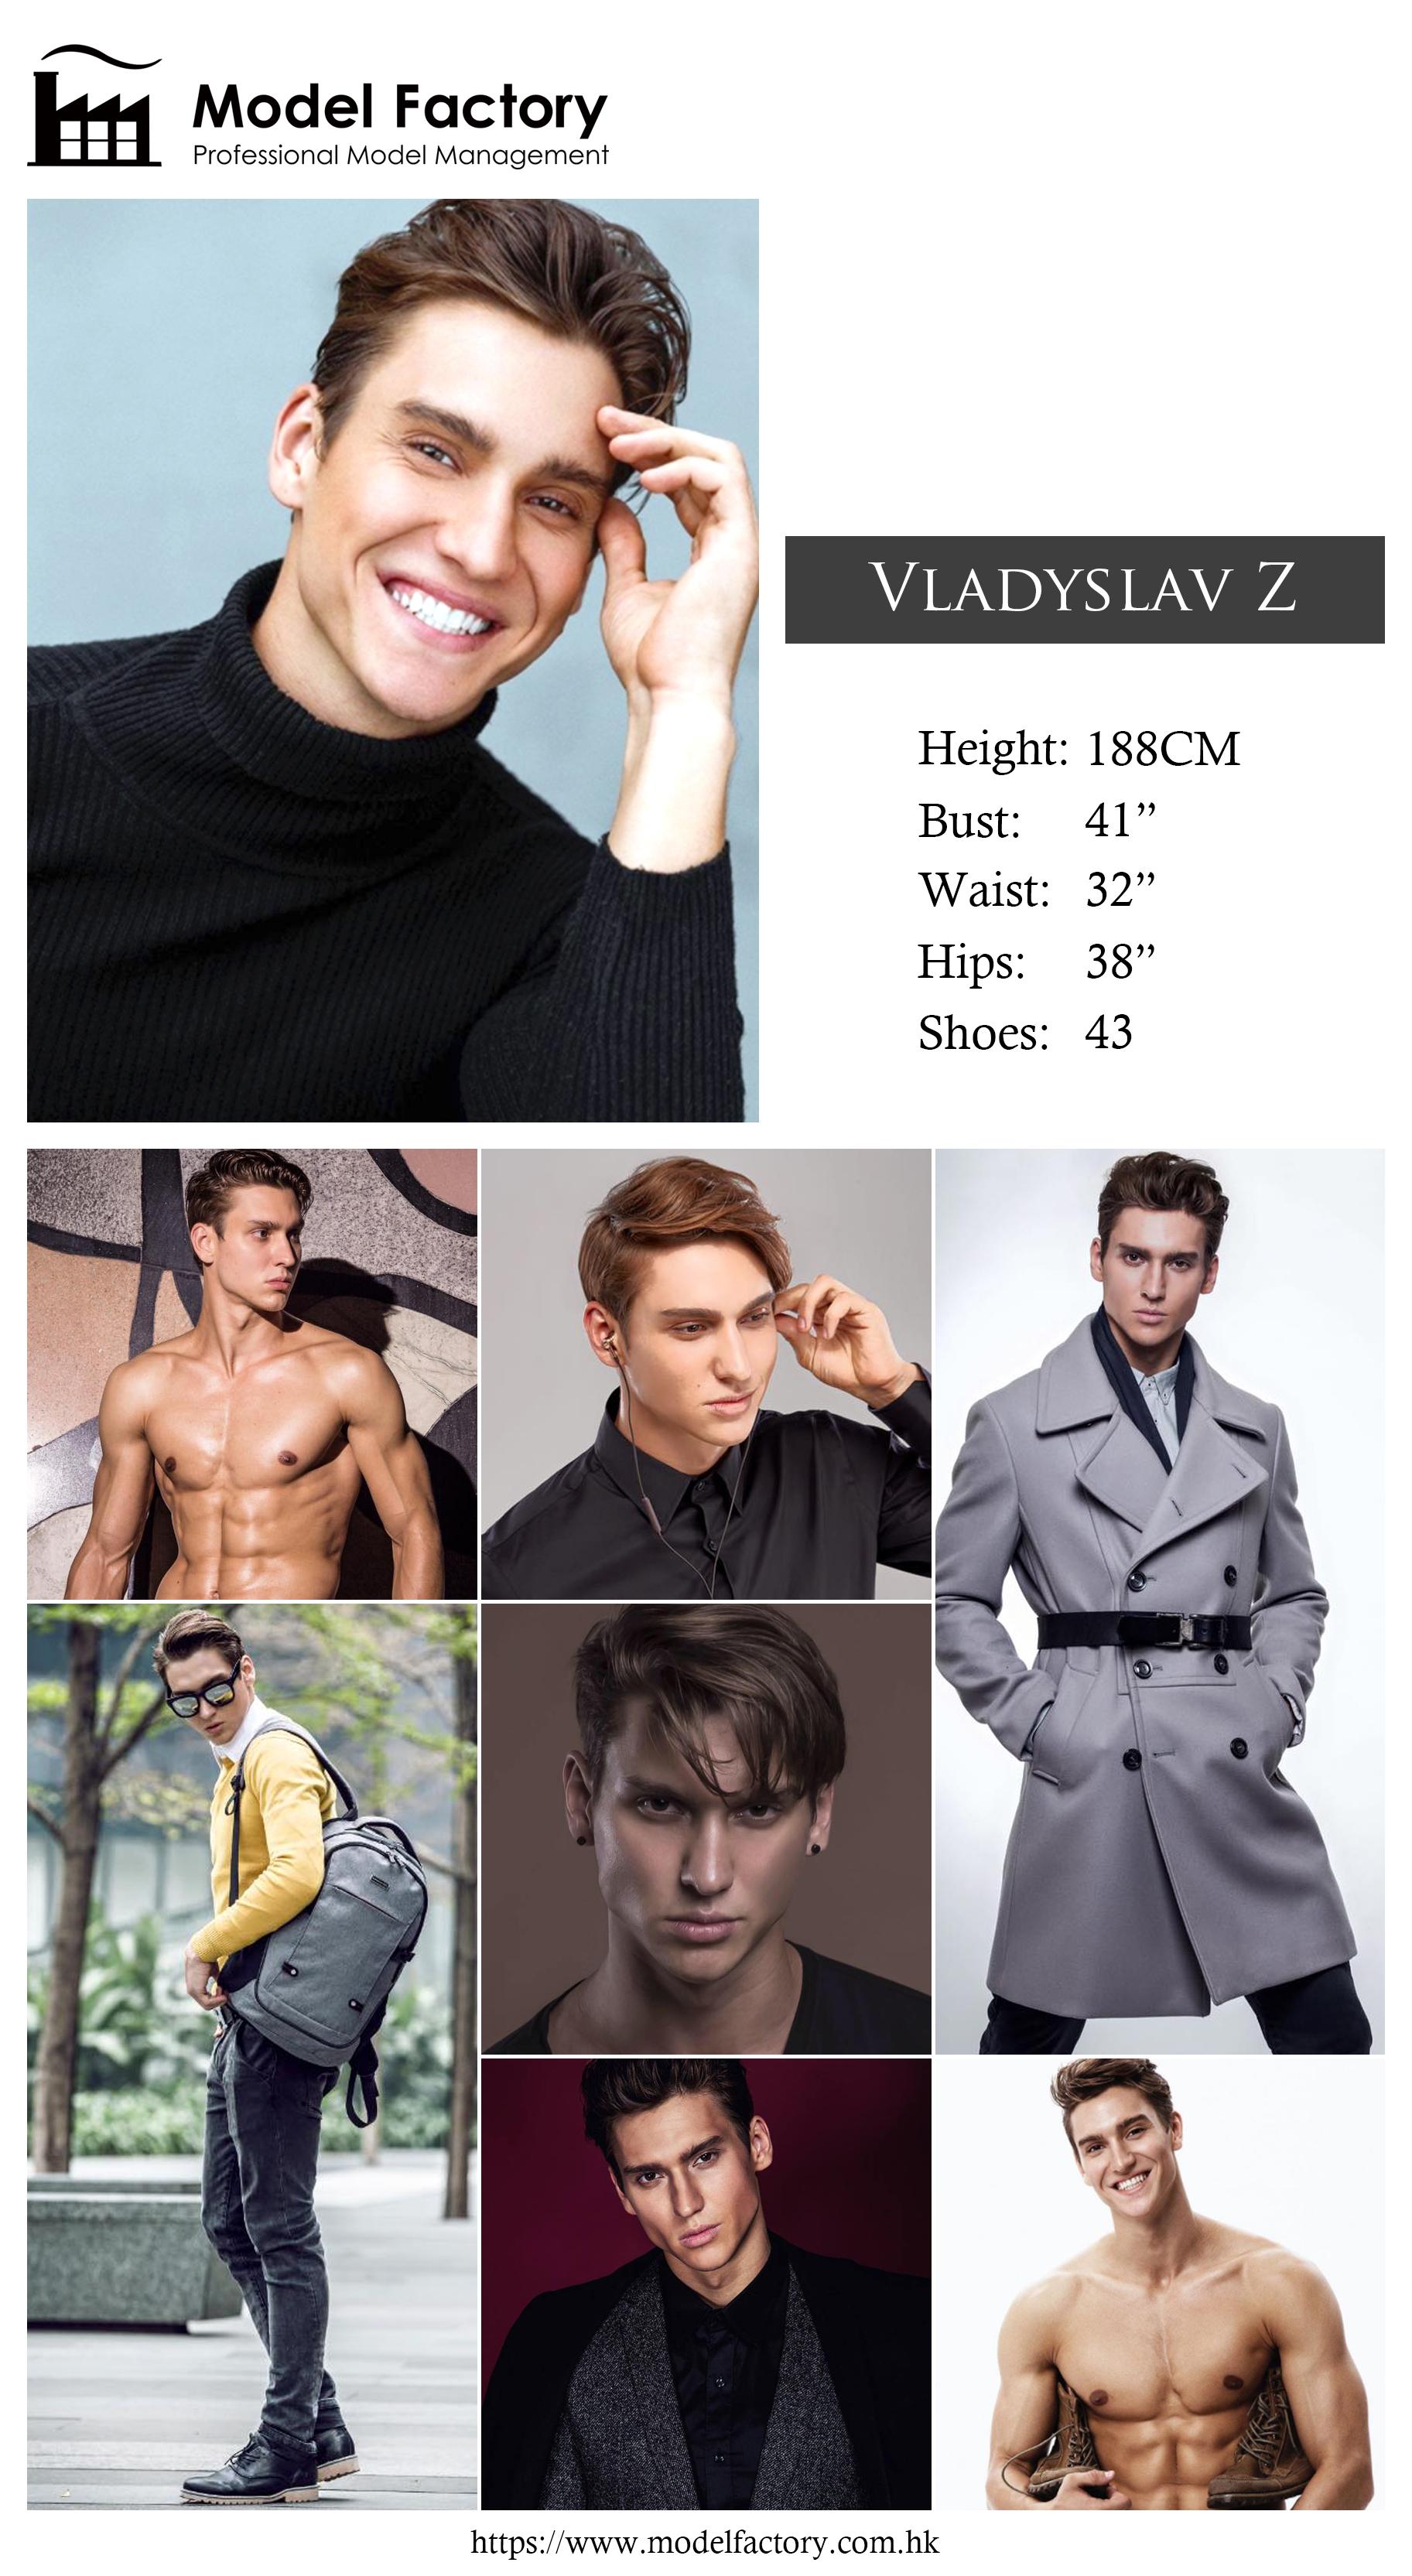 Model Factory Caucasian Male Model VladyslavZ